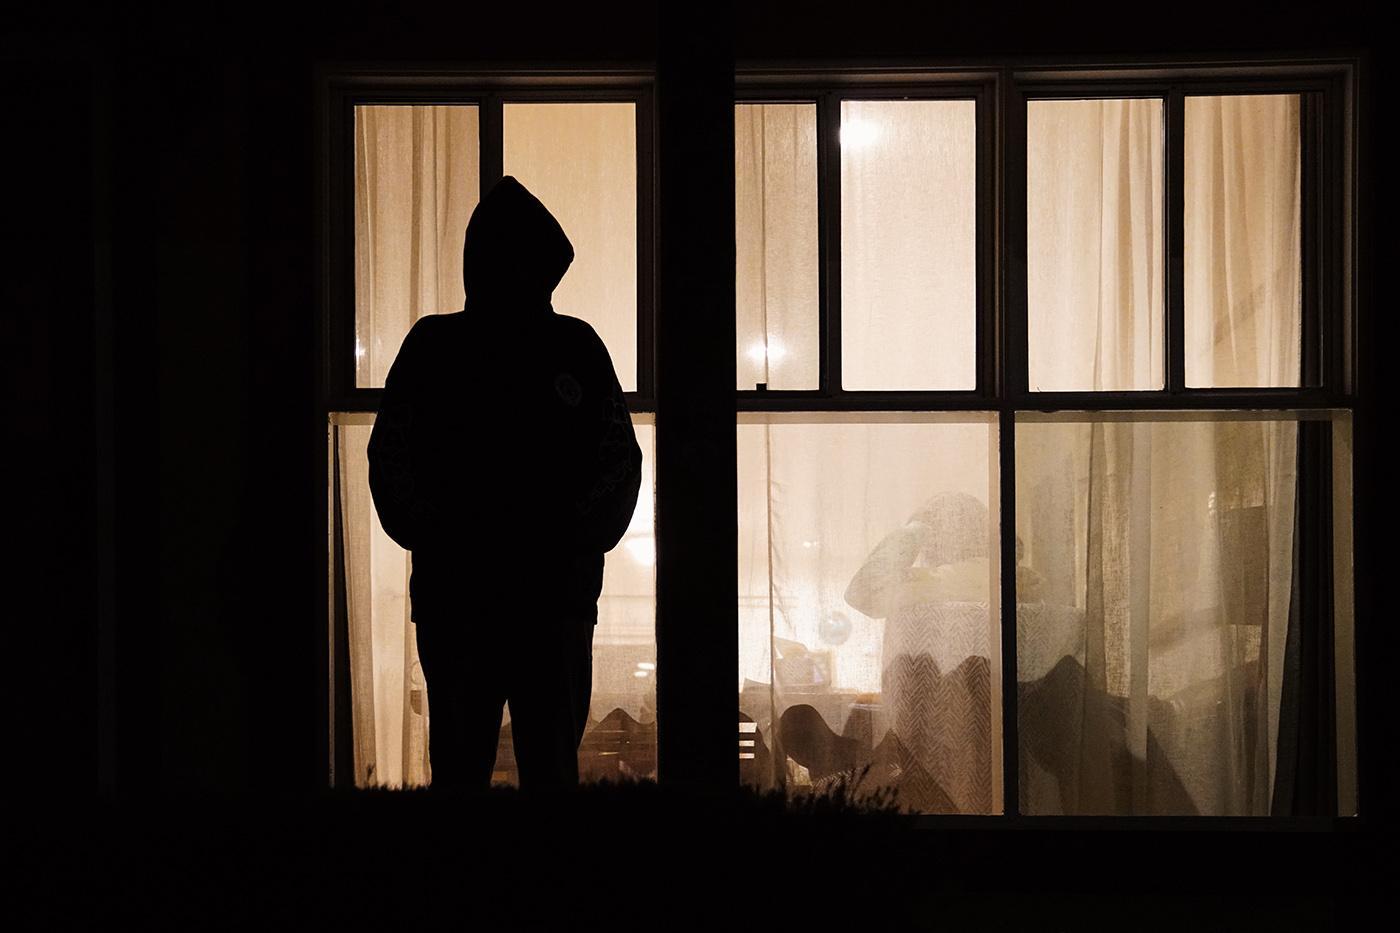 Что делать, если ваш бывший парень, муж преследует вас?